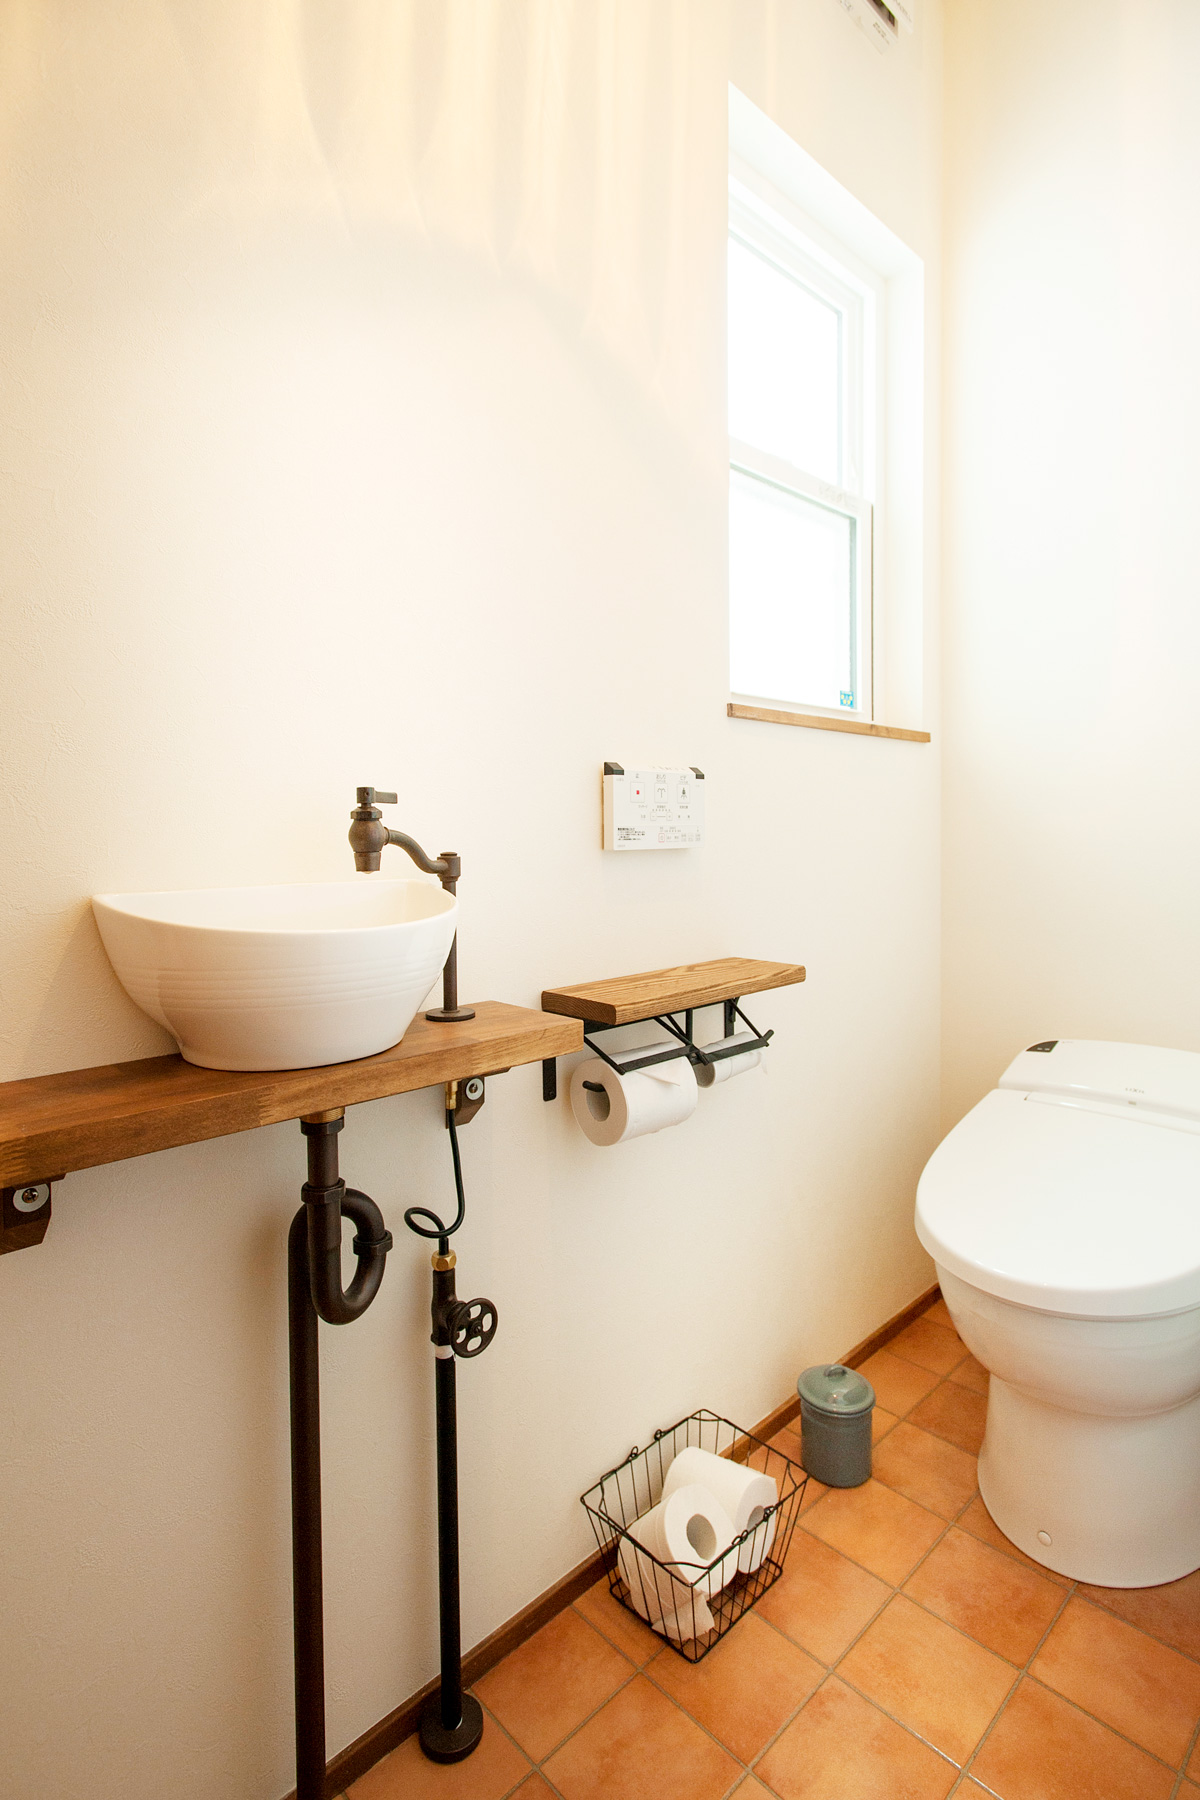 水栓や配管のデザインにもこだわったトイレ